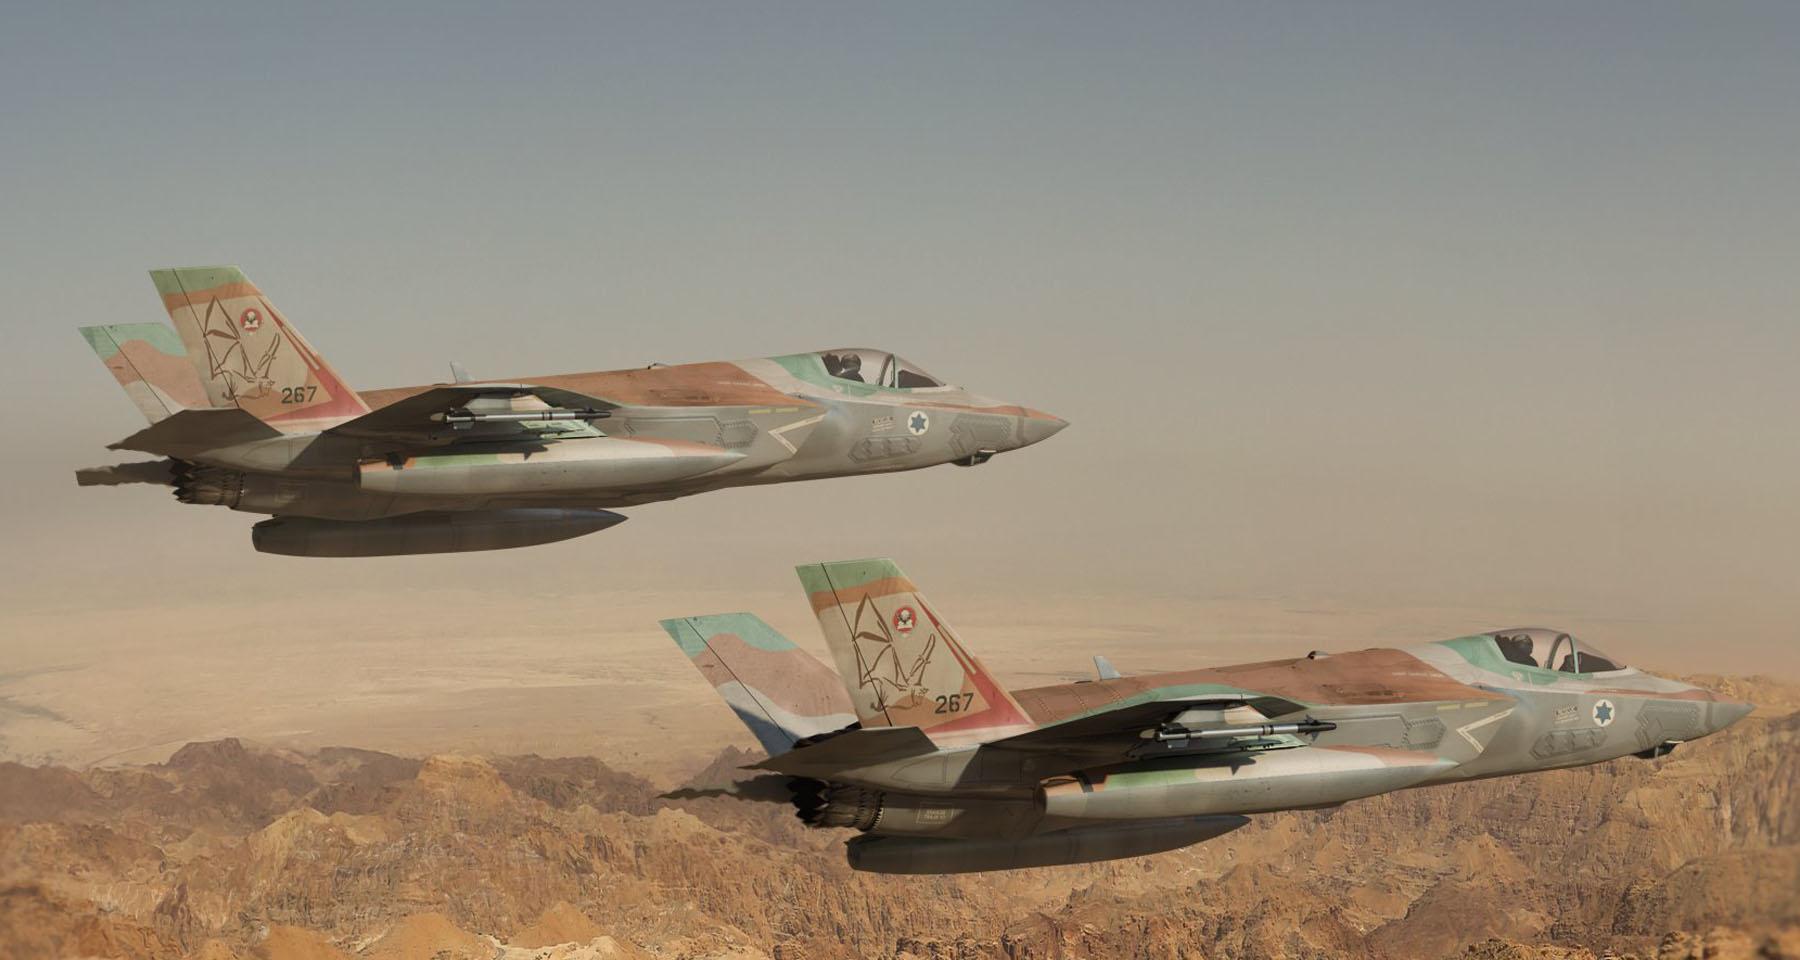 İsrail'den F-35 jetleri ile S-400'lere karşı koyma tatbikatı